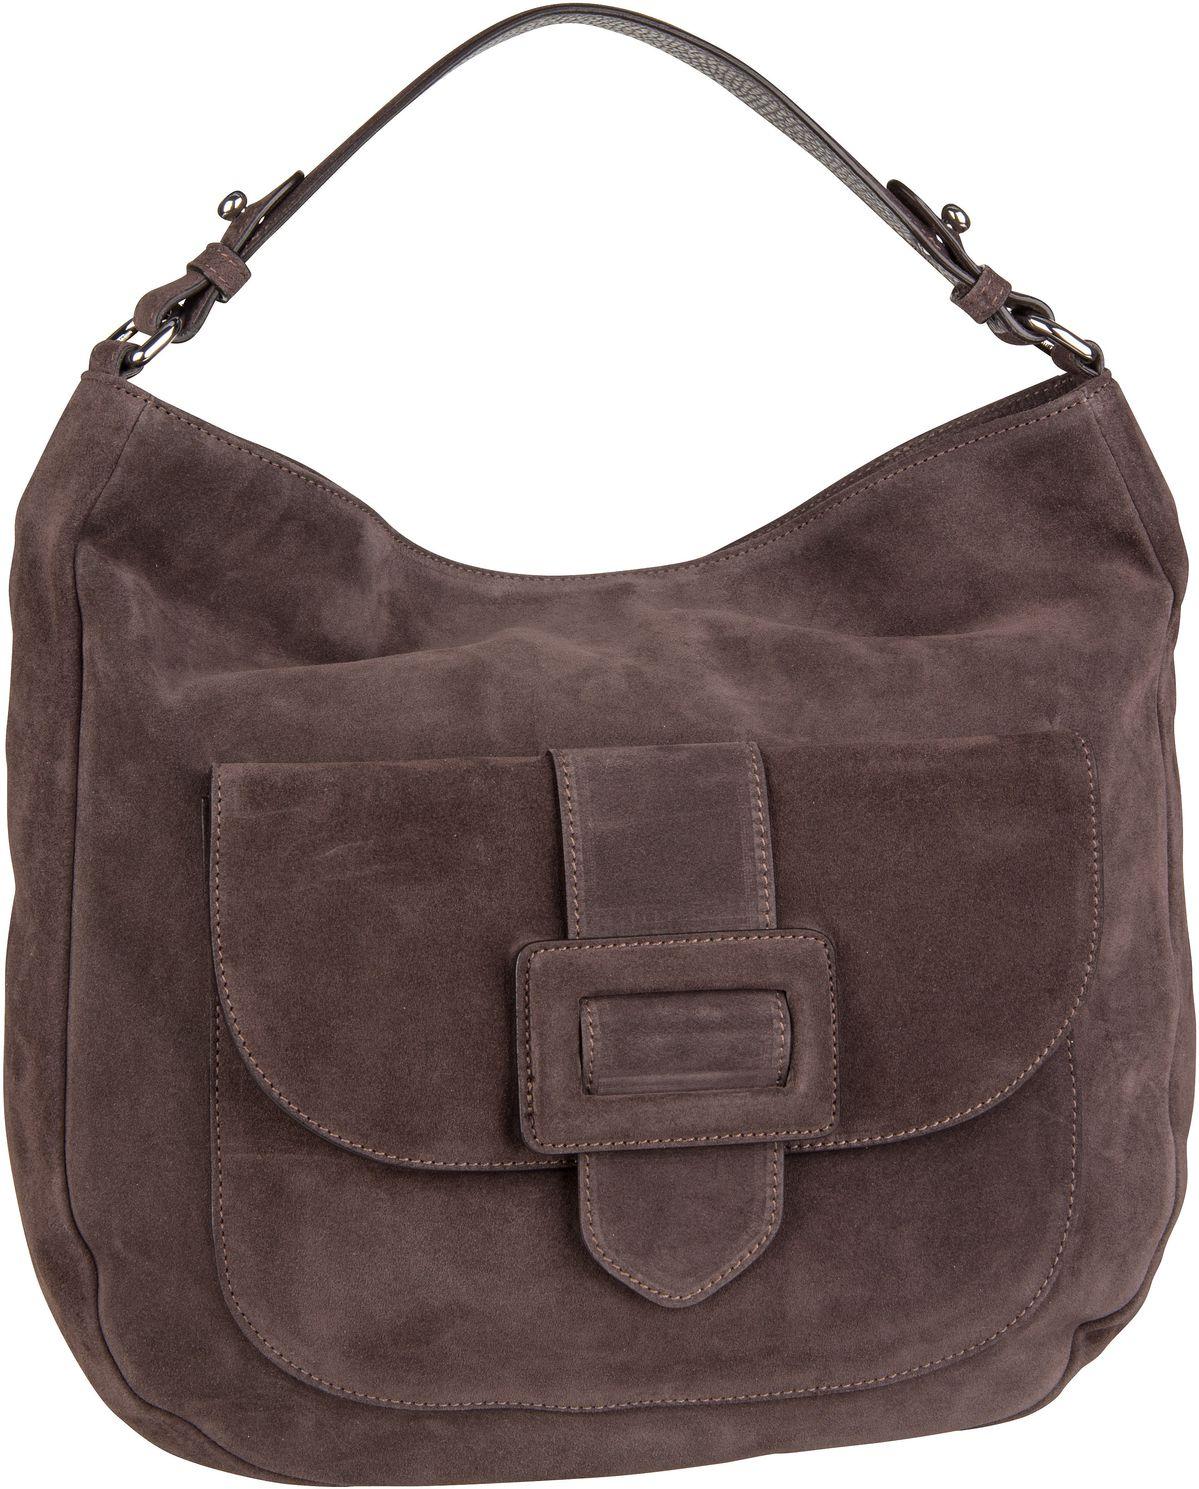 Handtasche Suede 28613 Dark Grey